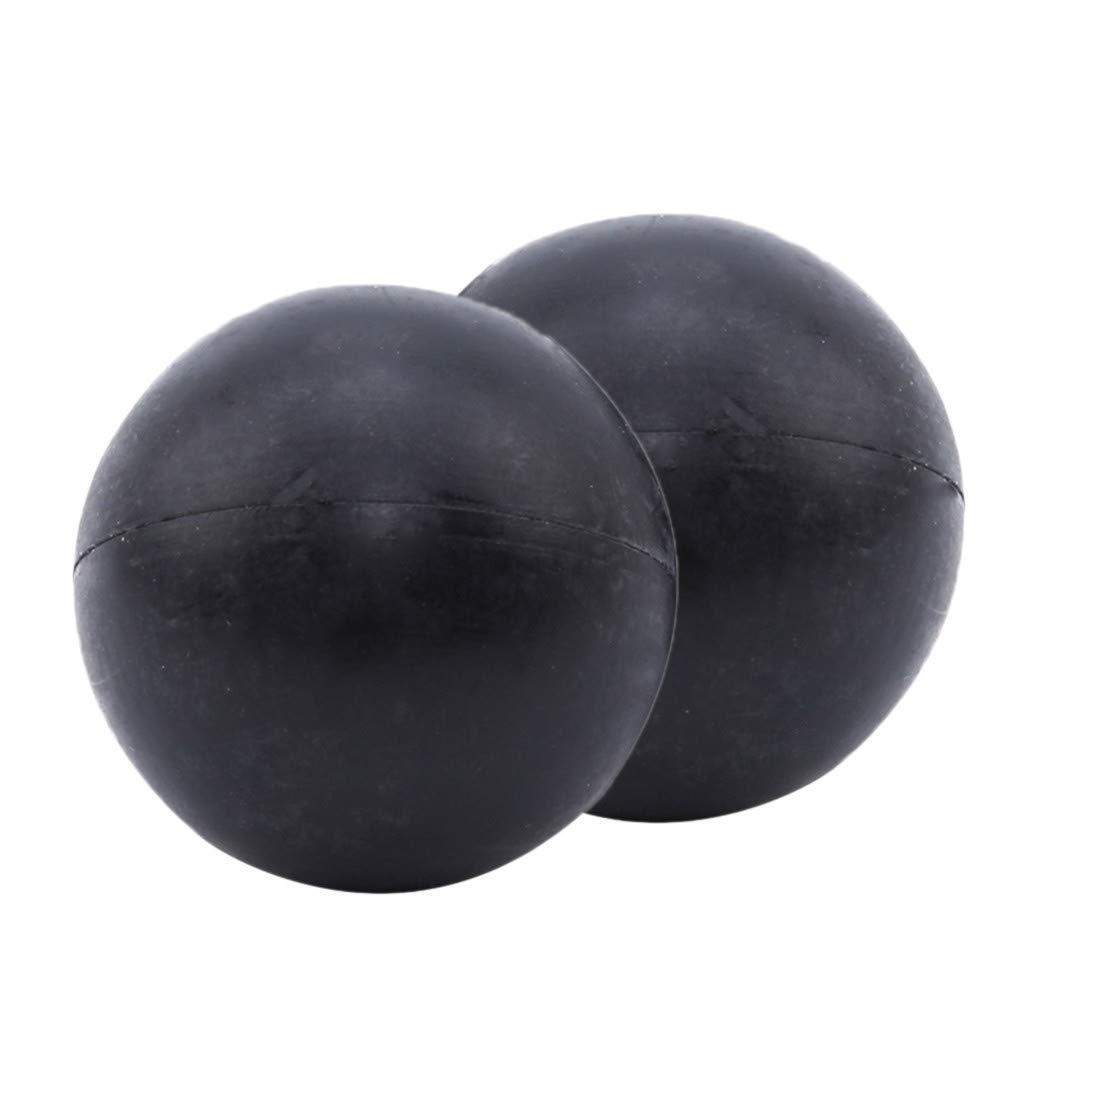 Yingwei VWH Puissance Mentale Test Ball Bounce No Bounce Ball Close Up Tour de Magie mentalisme Props Com/édie Joke Fun Magia Classique Jouet